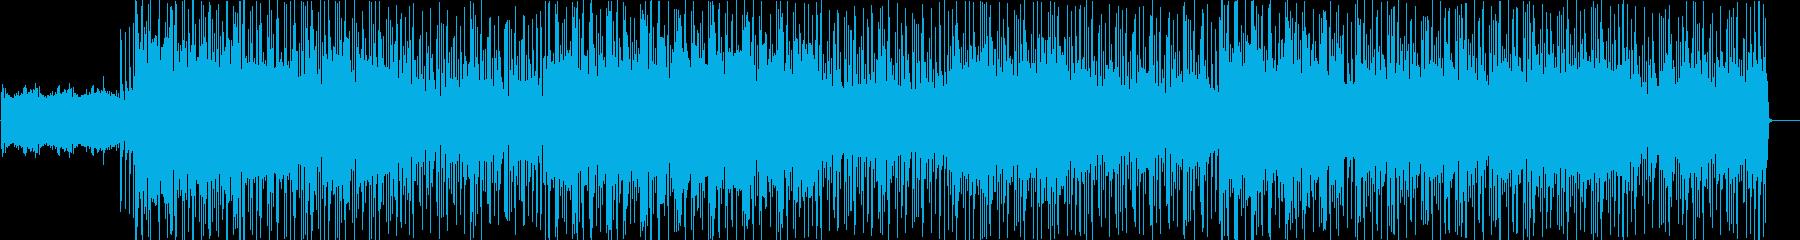 HELTER-SKELTERの再生済みの波形